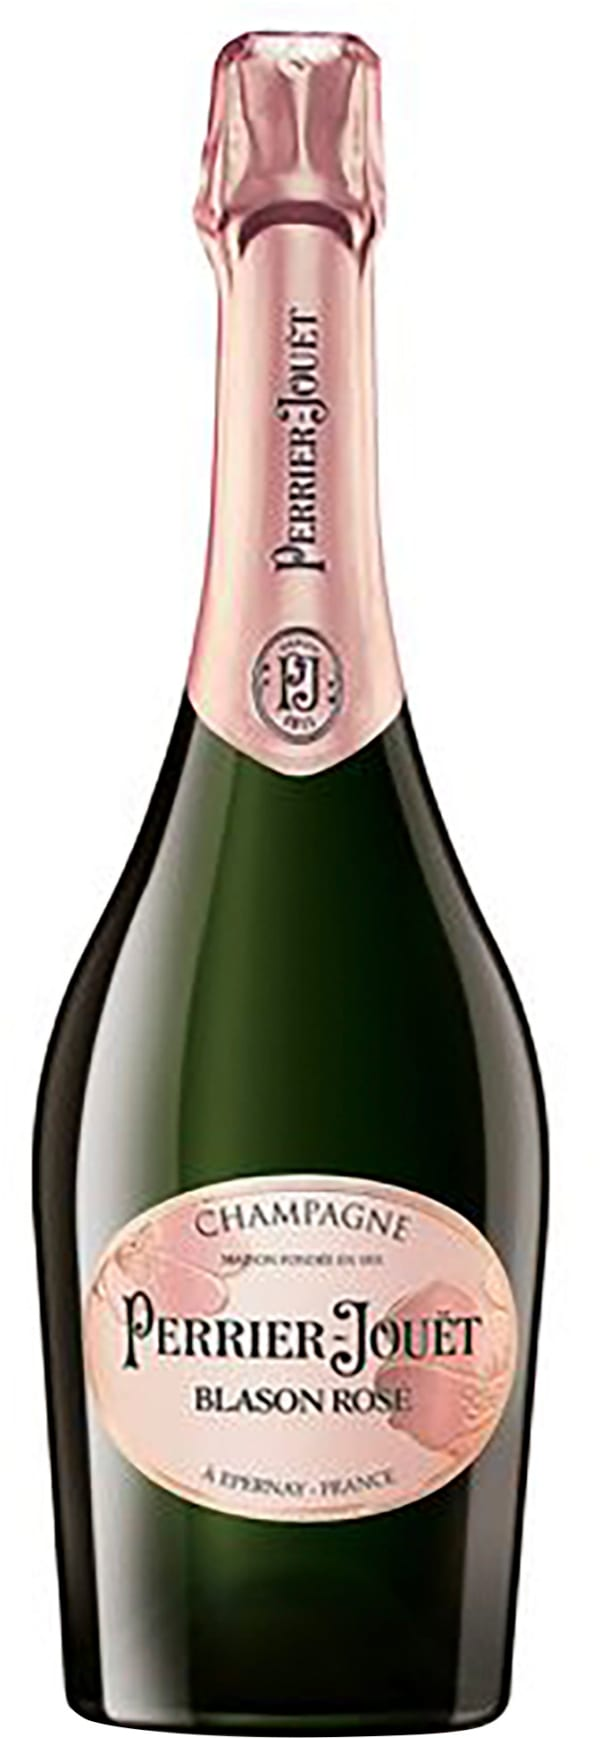 Perrier-Jouët Blason Rosé Champagne Brut